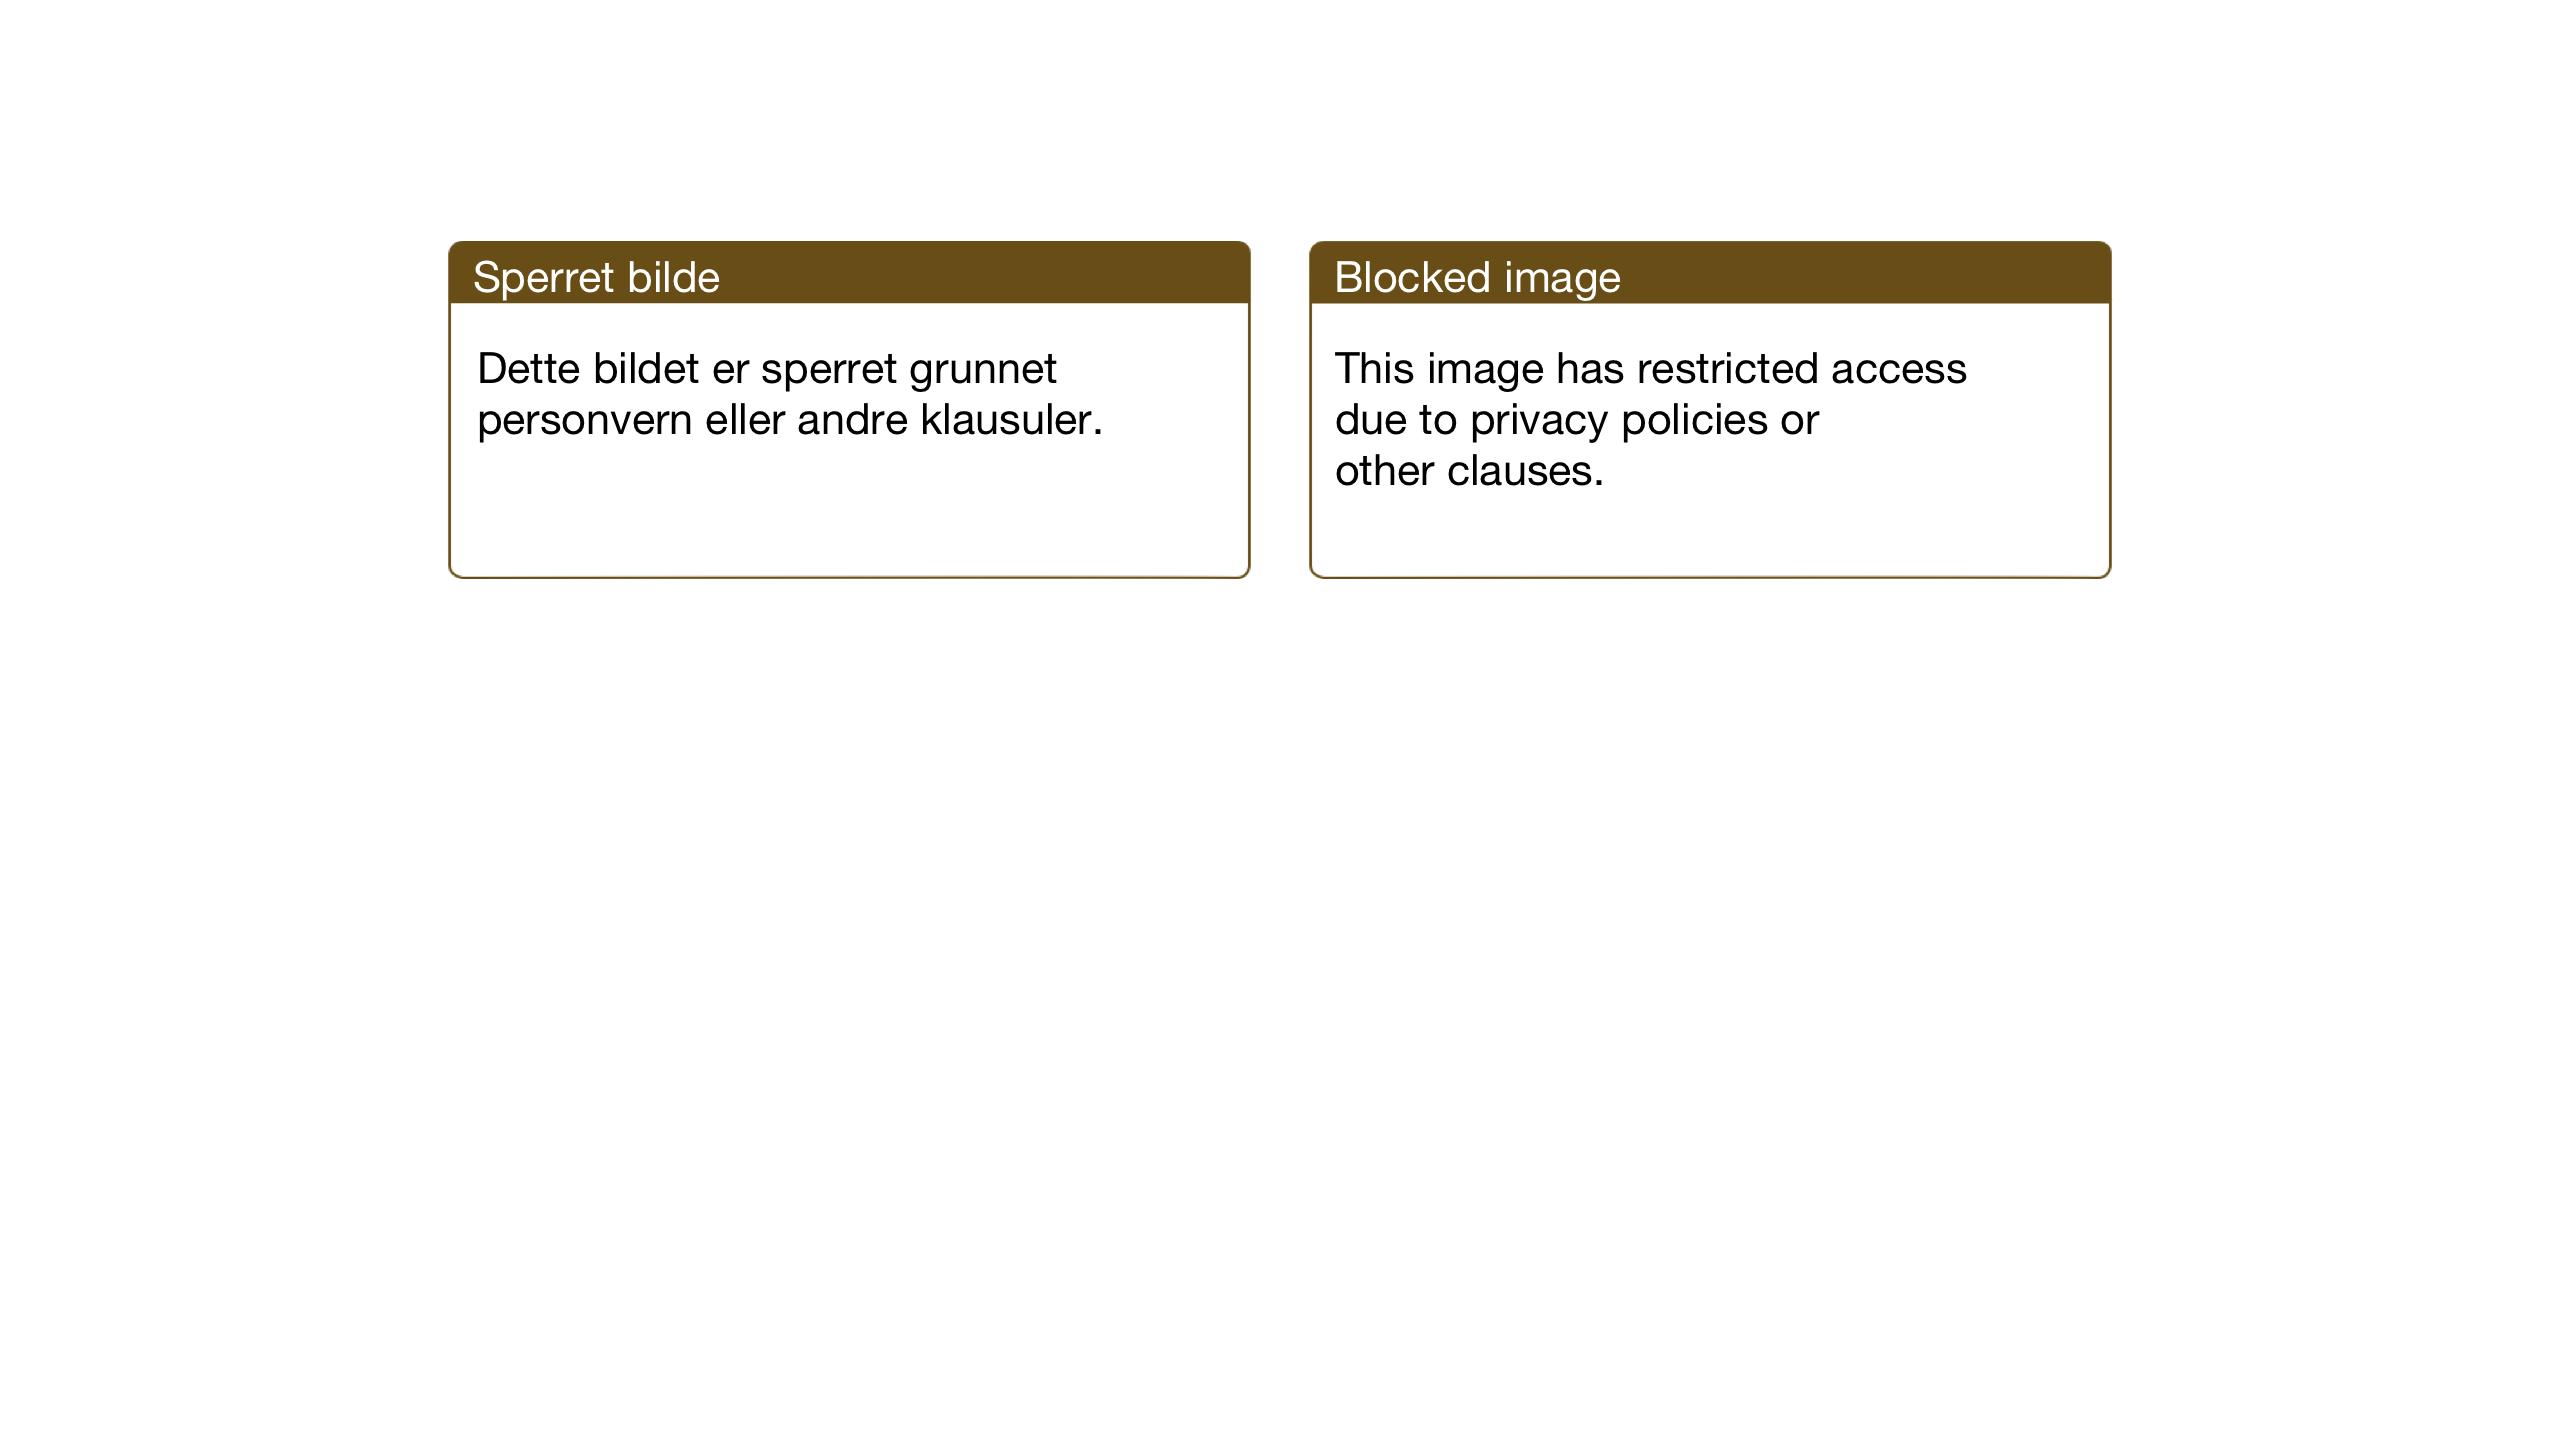 SAT, Ministerialprotokoller, klokkerbøker og fødselsregistre - Sør-Trøndelag, 607/L0327: Klokkerbok nr. 607C01, 1930-1939, s. 37